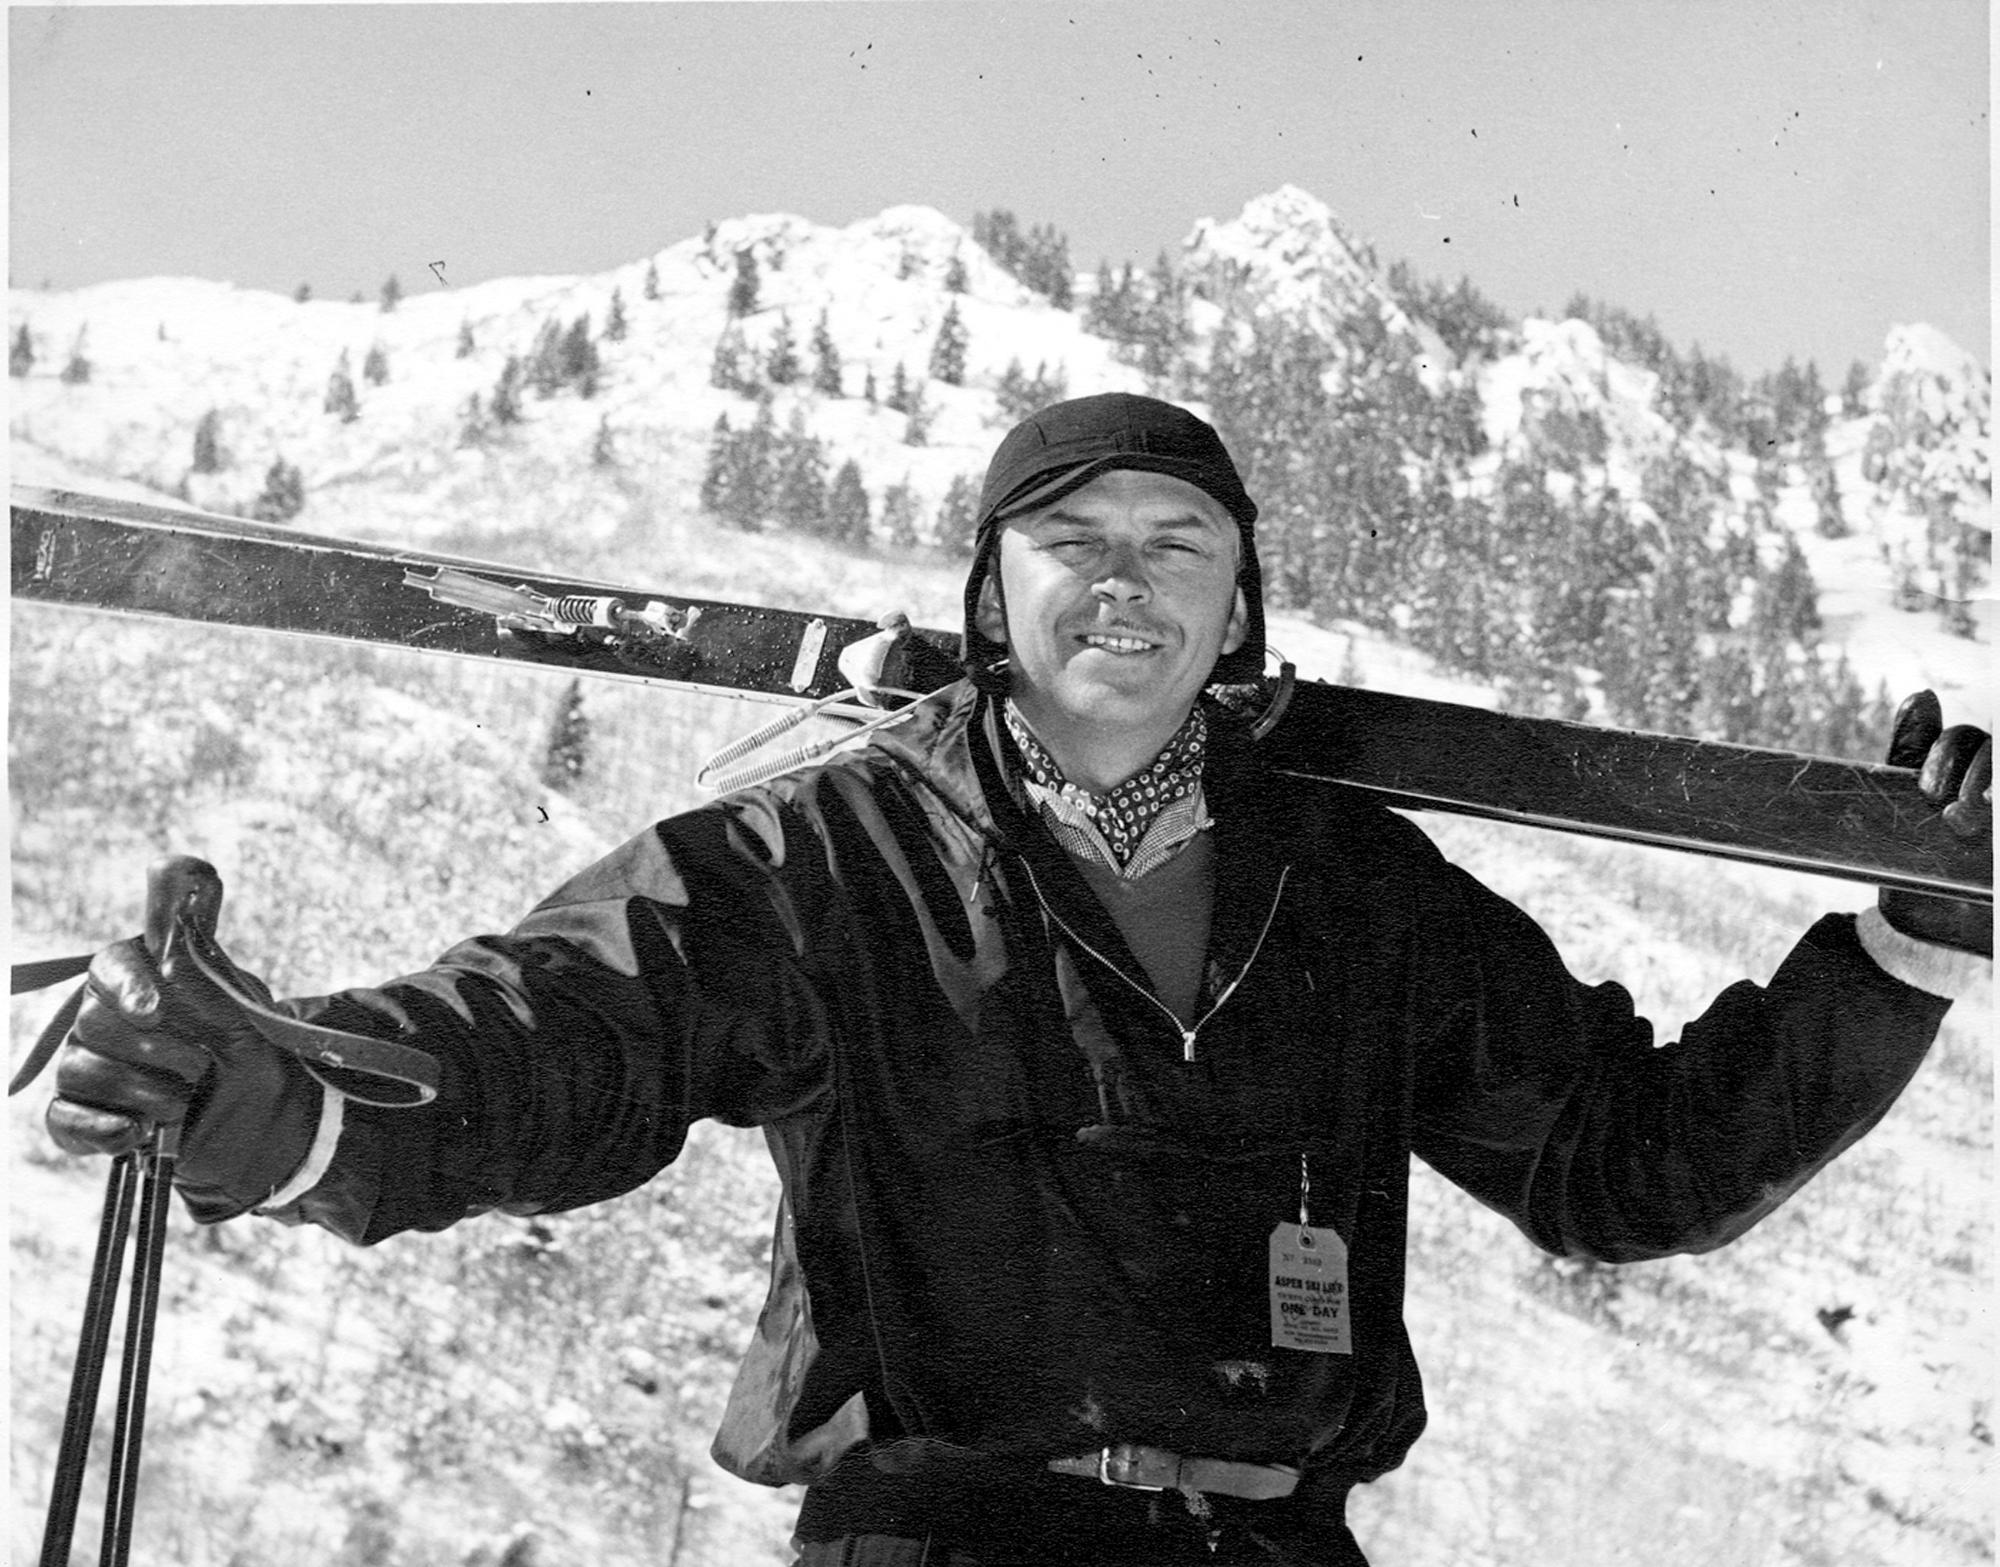 A Bad Skier's Revenge